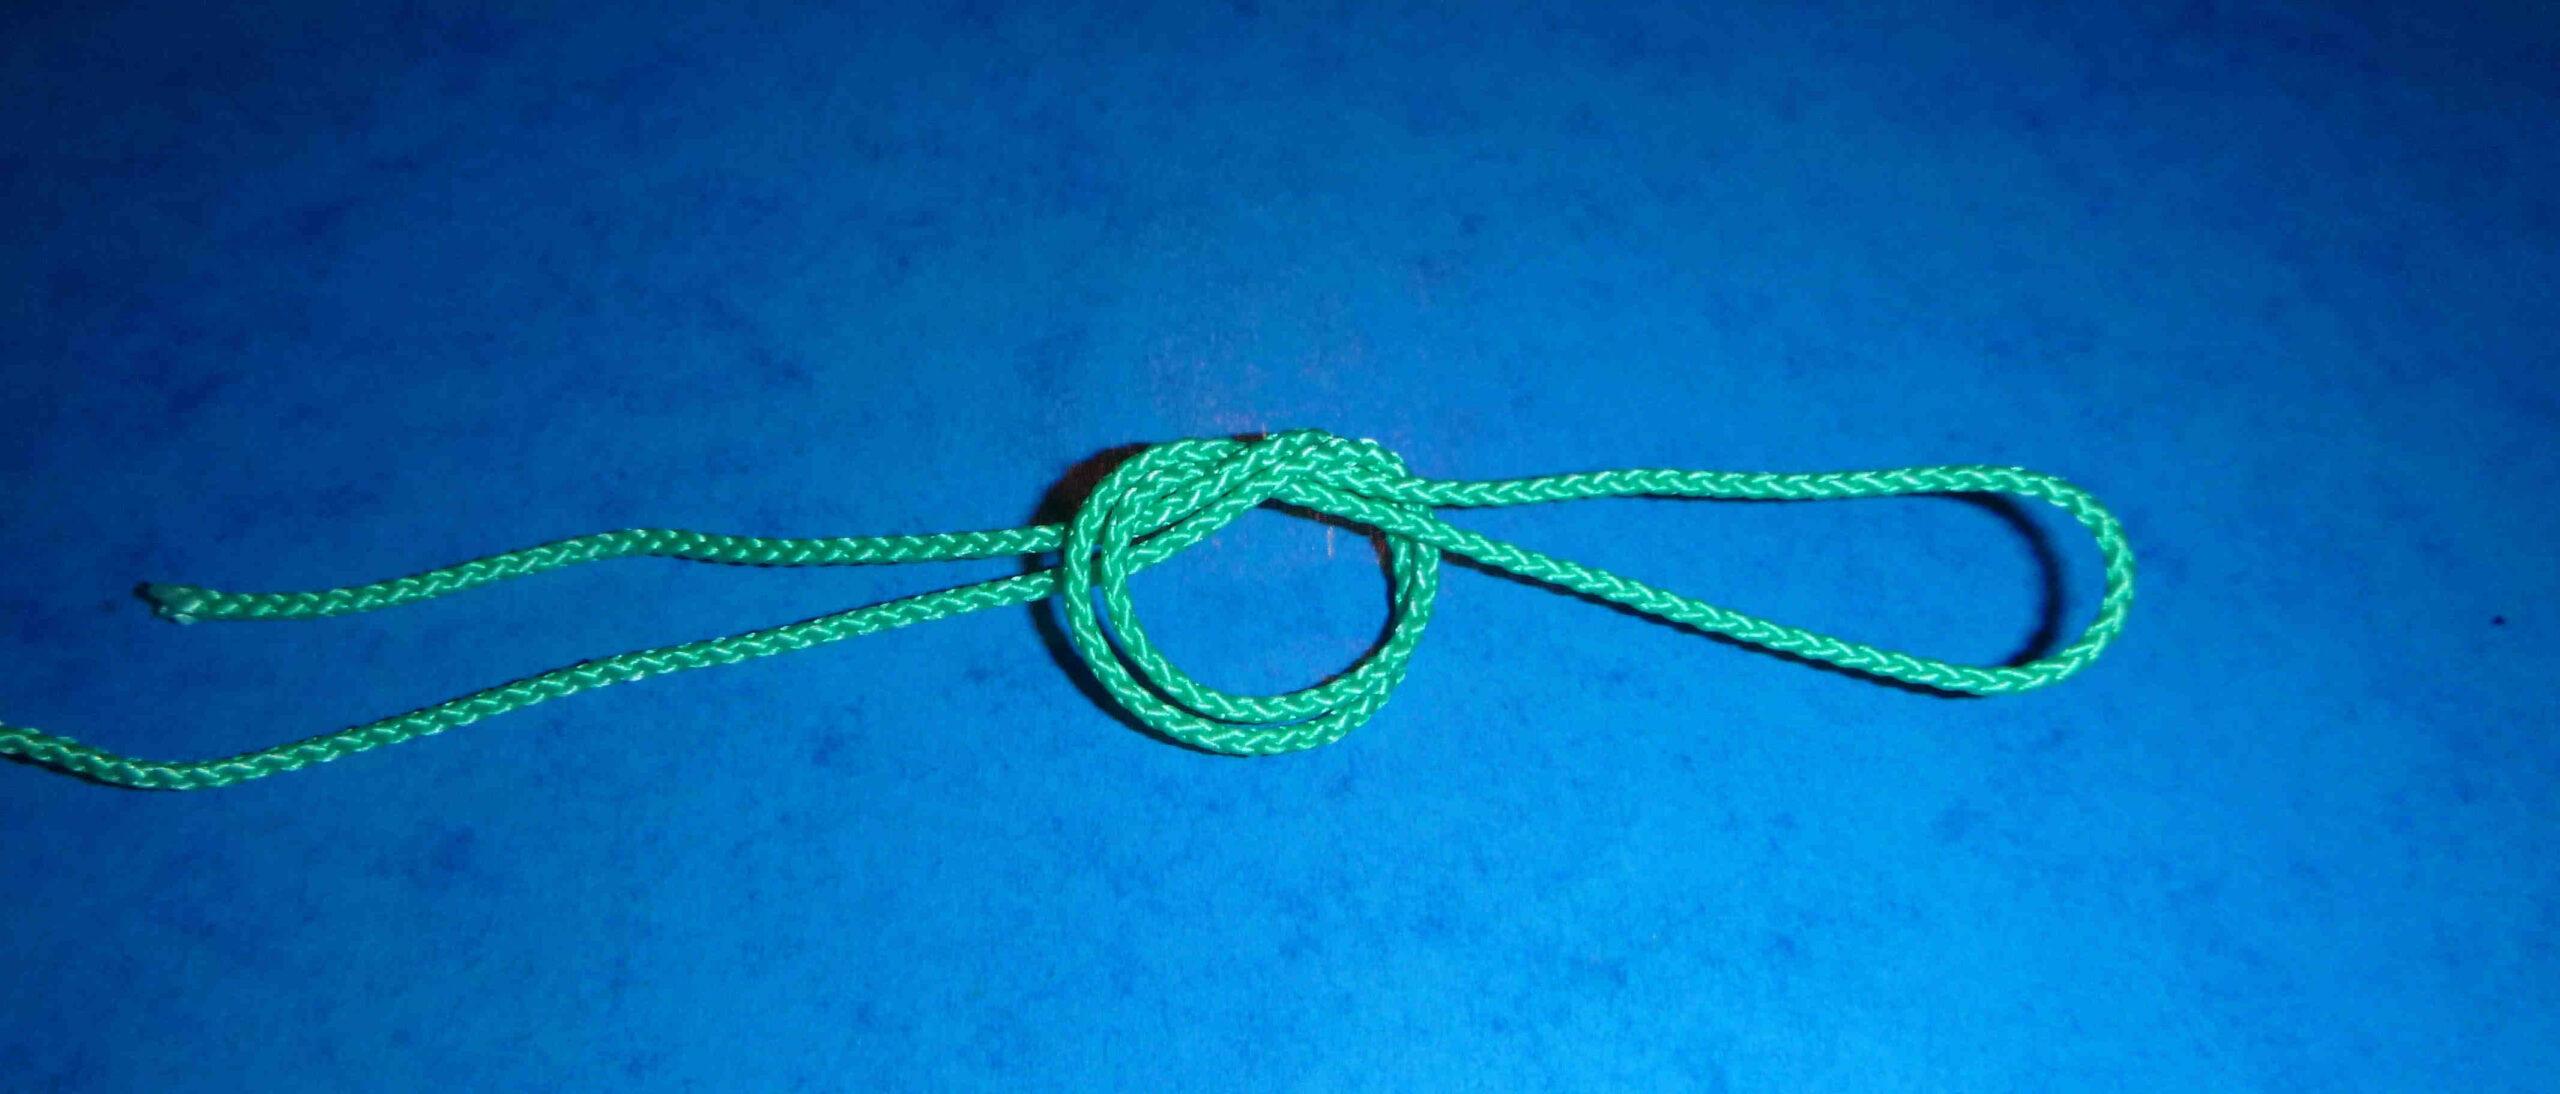 Pourquoi un fil fait-il des boucles ?